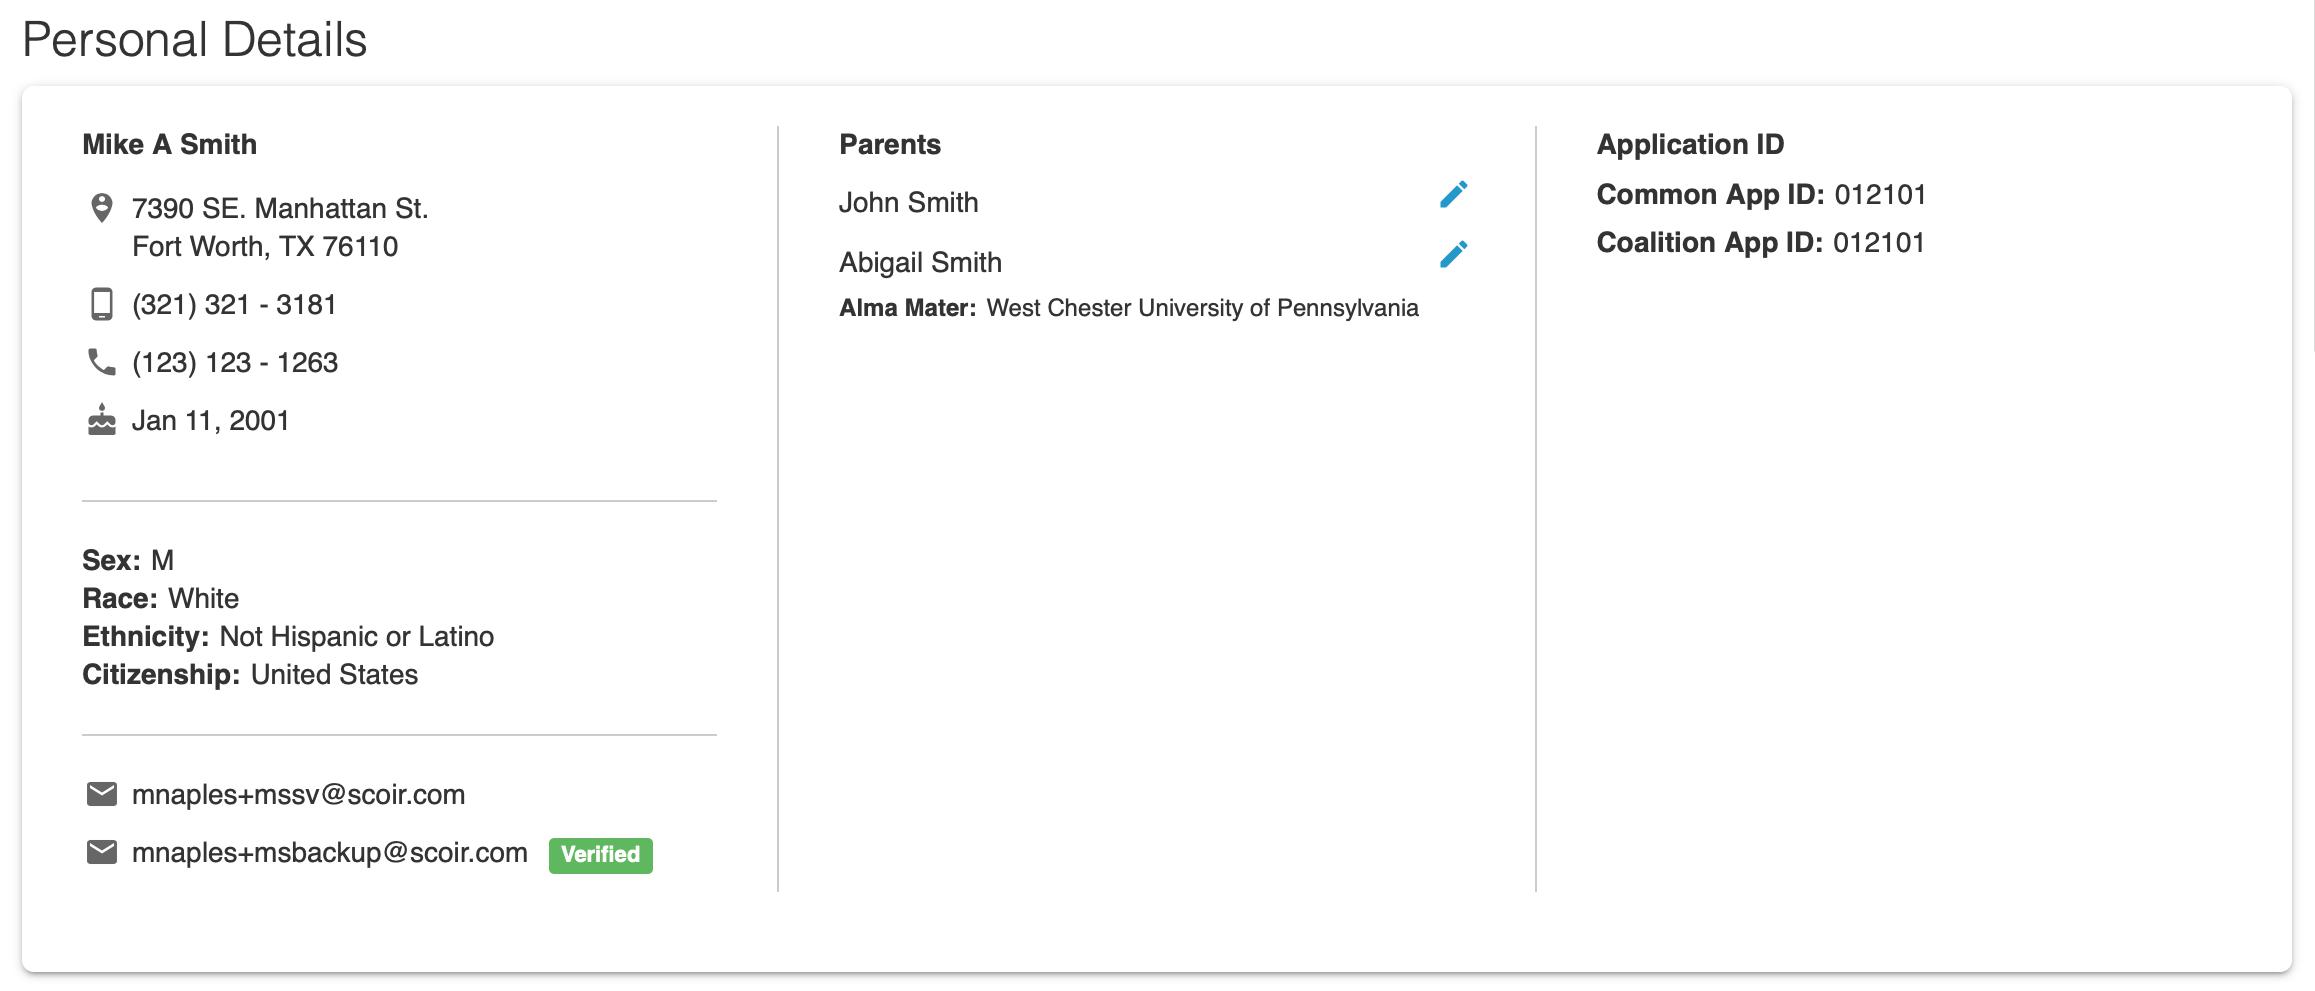 _parent_-student-profile-personal-details.png